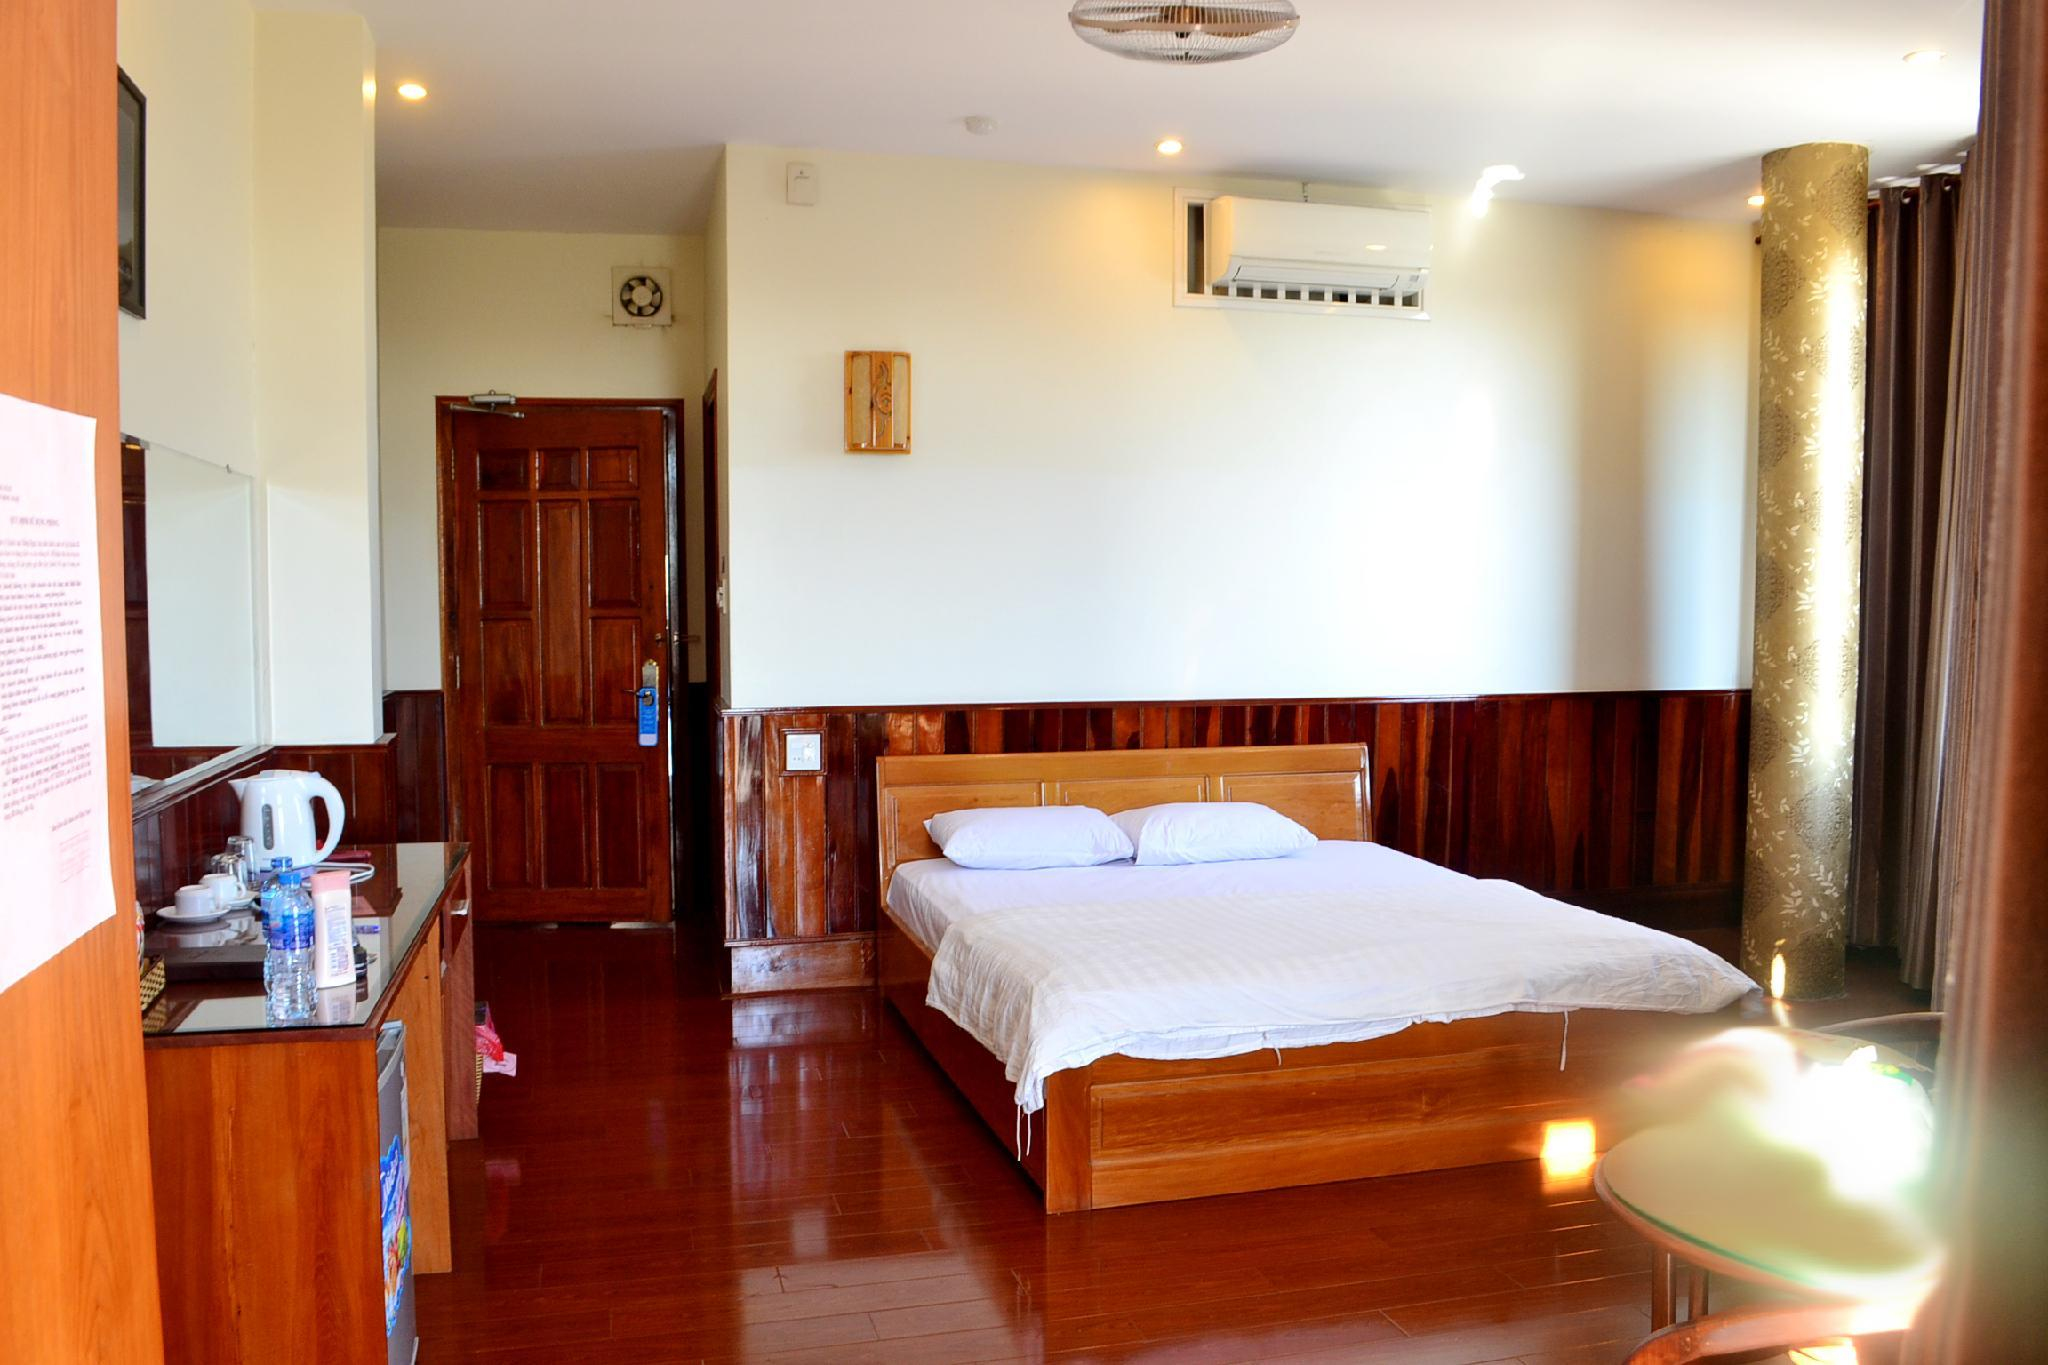 Kết quả hình ảnh cho Hong Ngoc Hotel phú yên